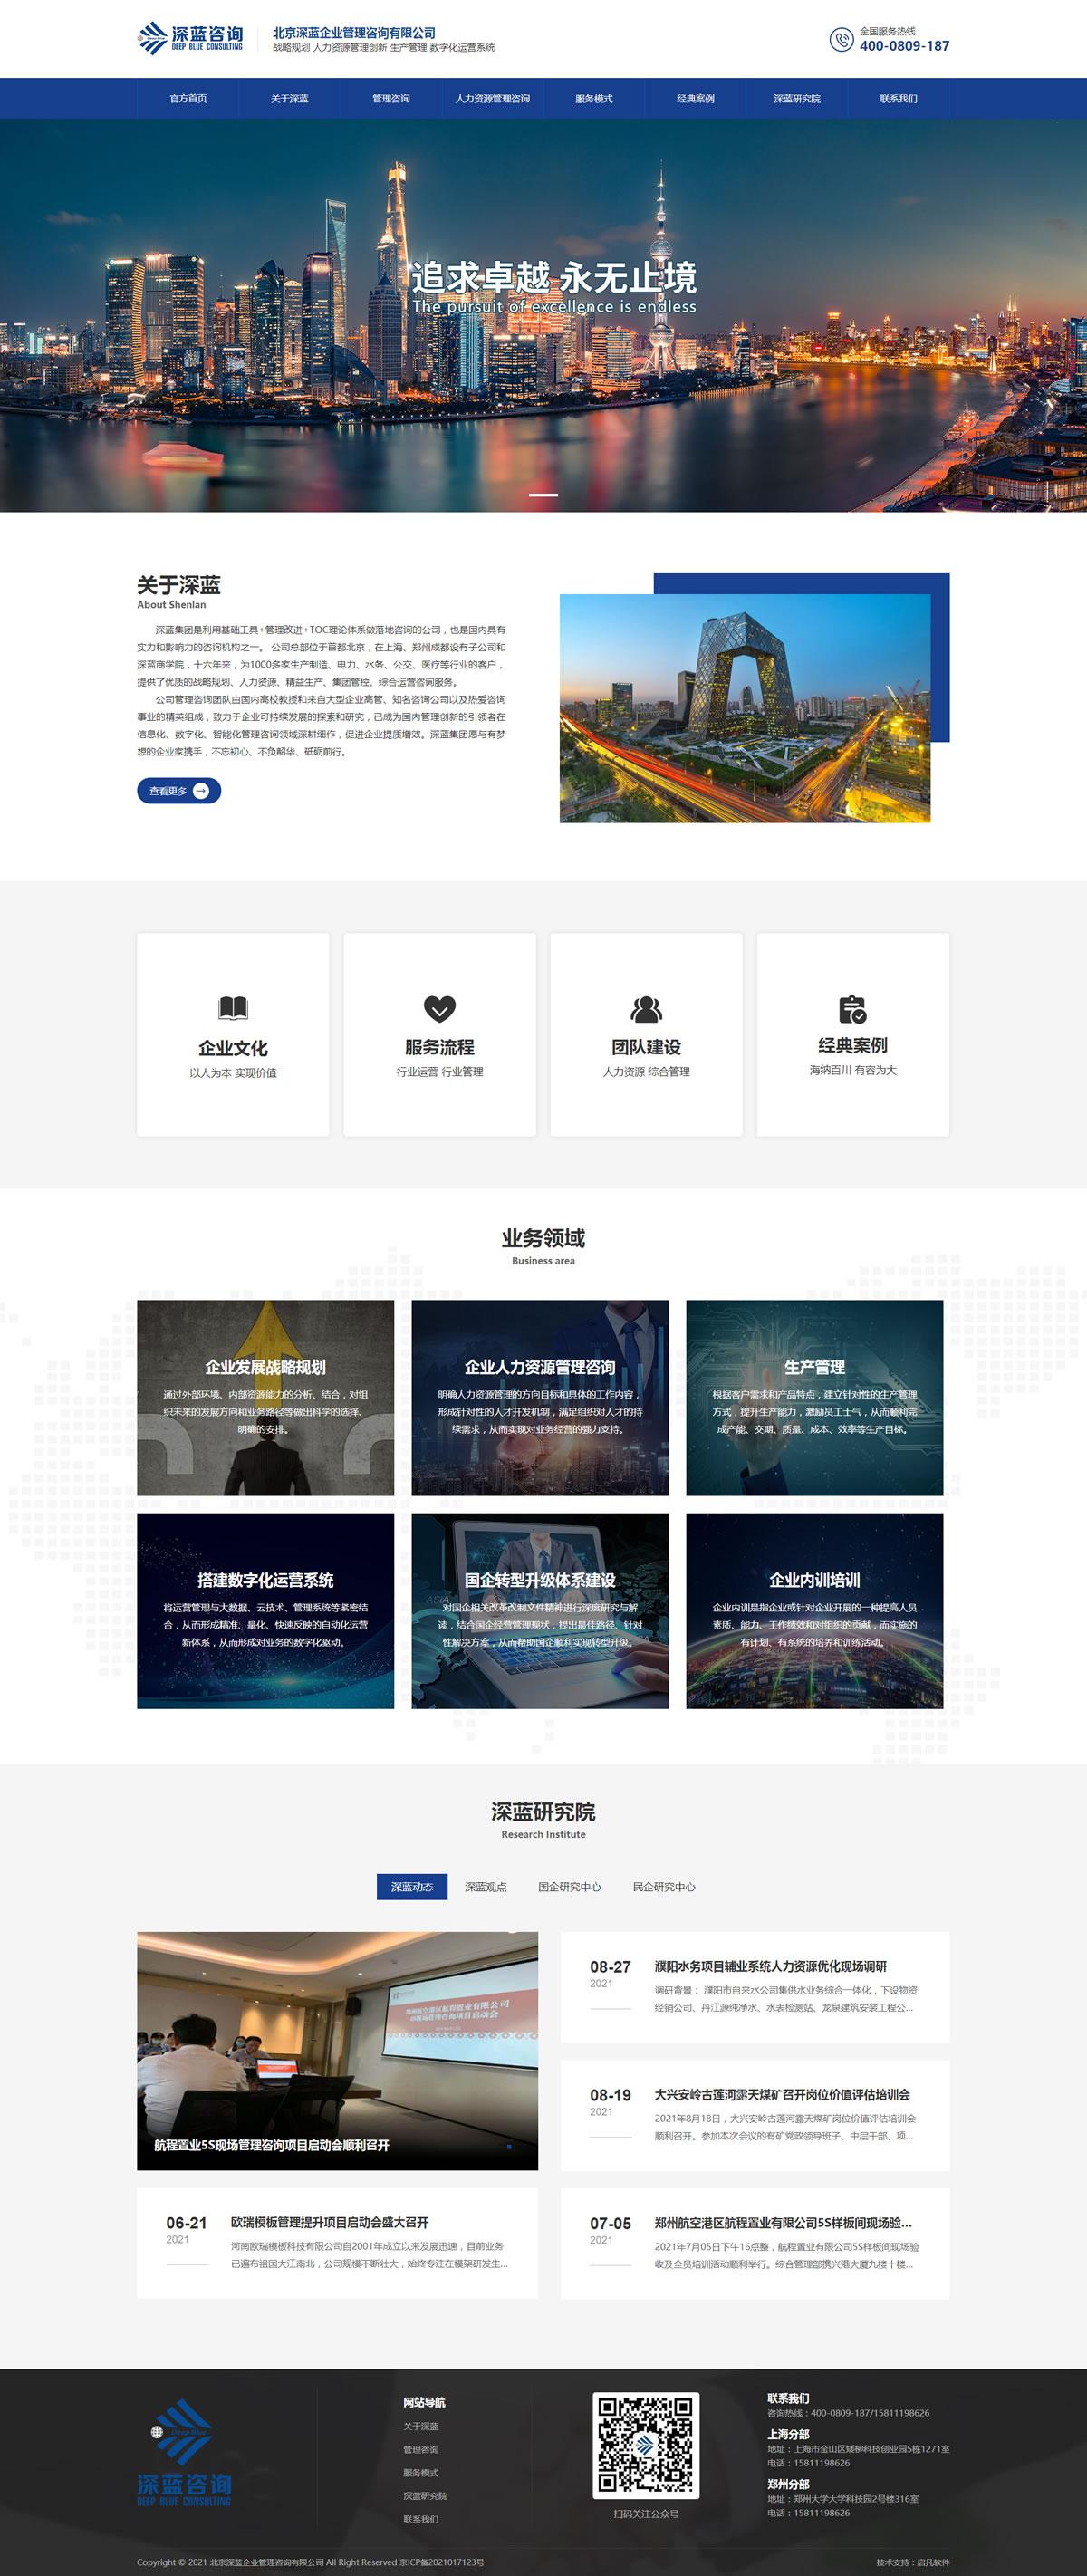 北京深蓝企业管理咨询有限公司专注落地的咨询机构